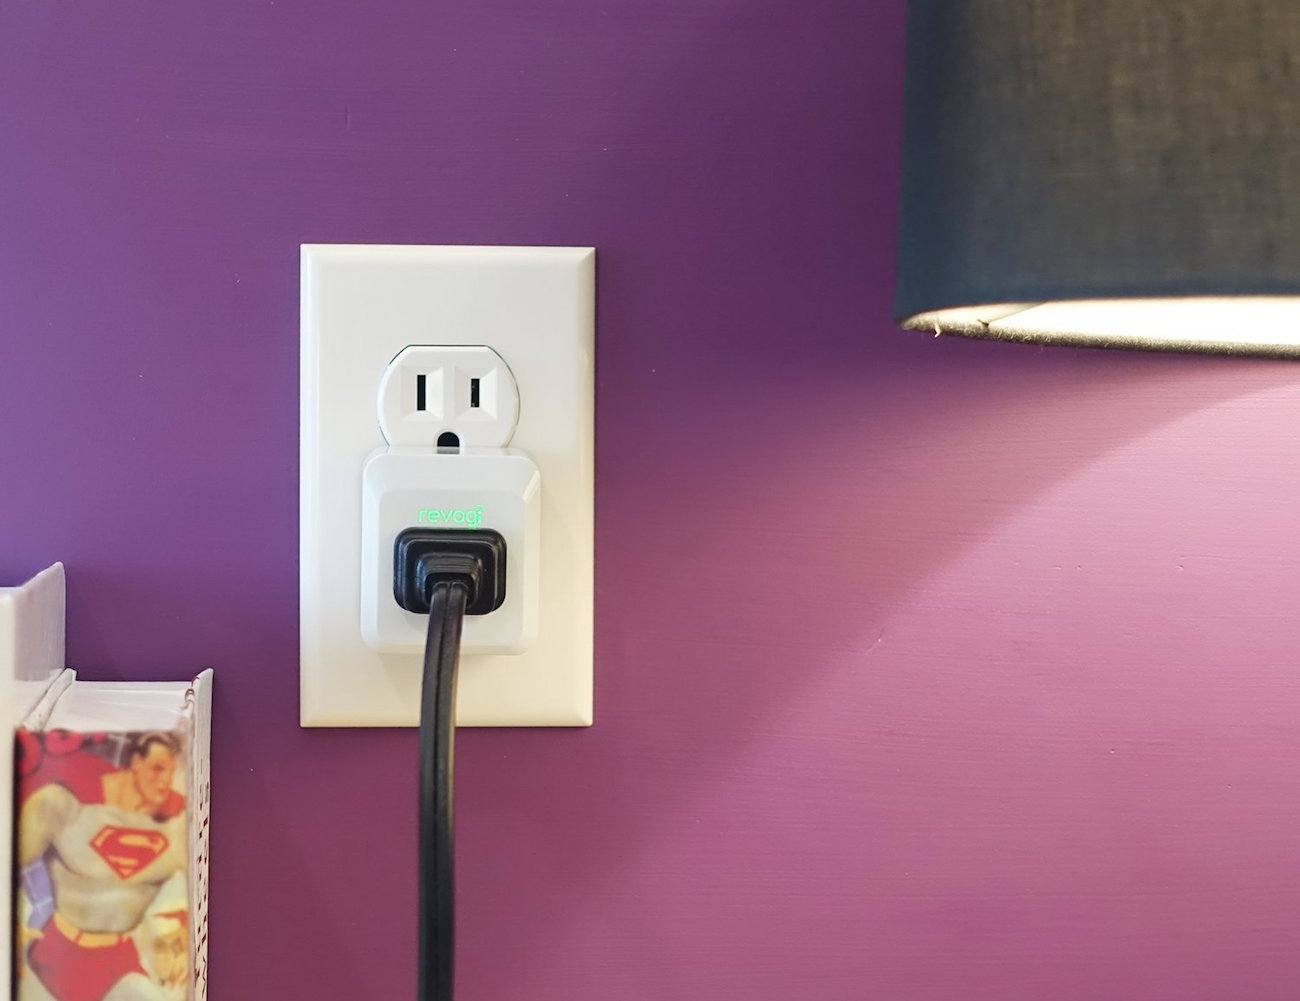 revogi-smart-meter-outlet-01